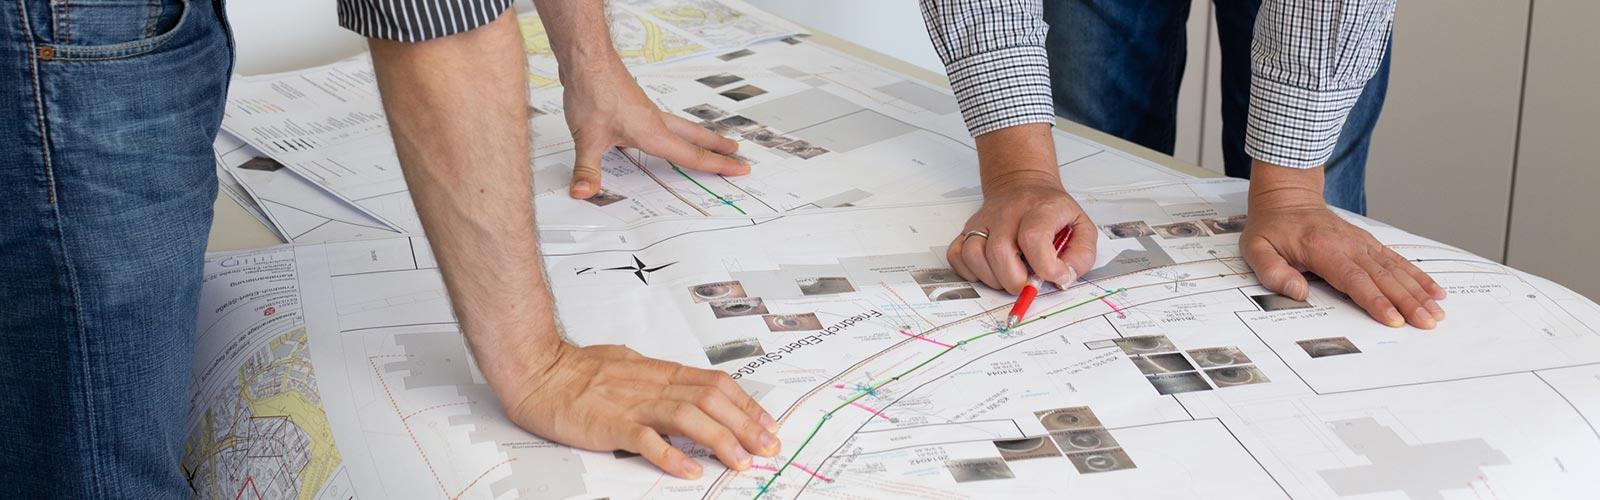 Planung im Ingenieurbüro